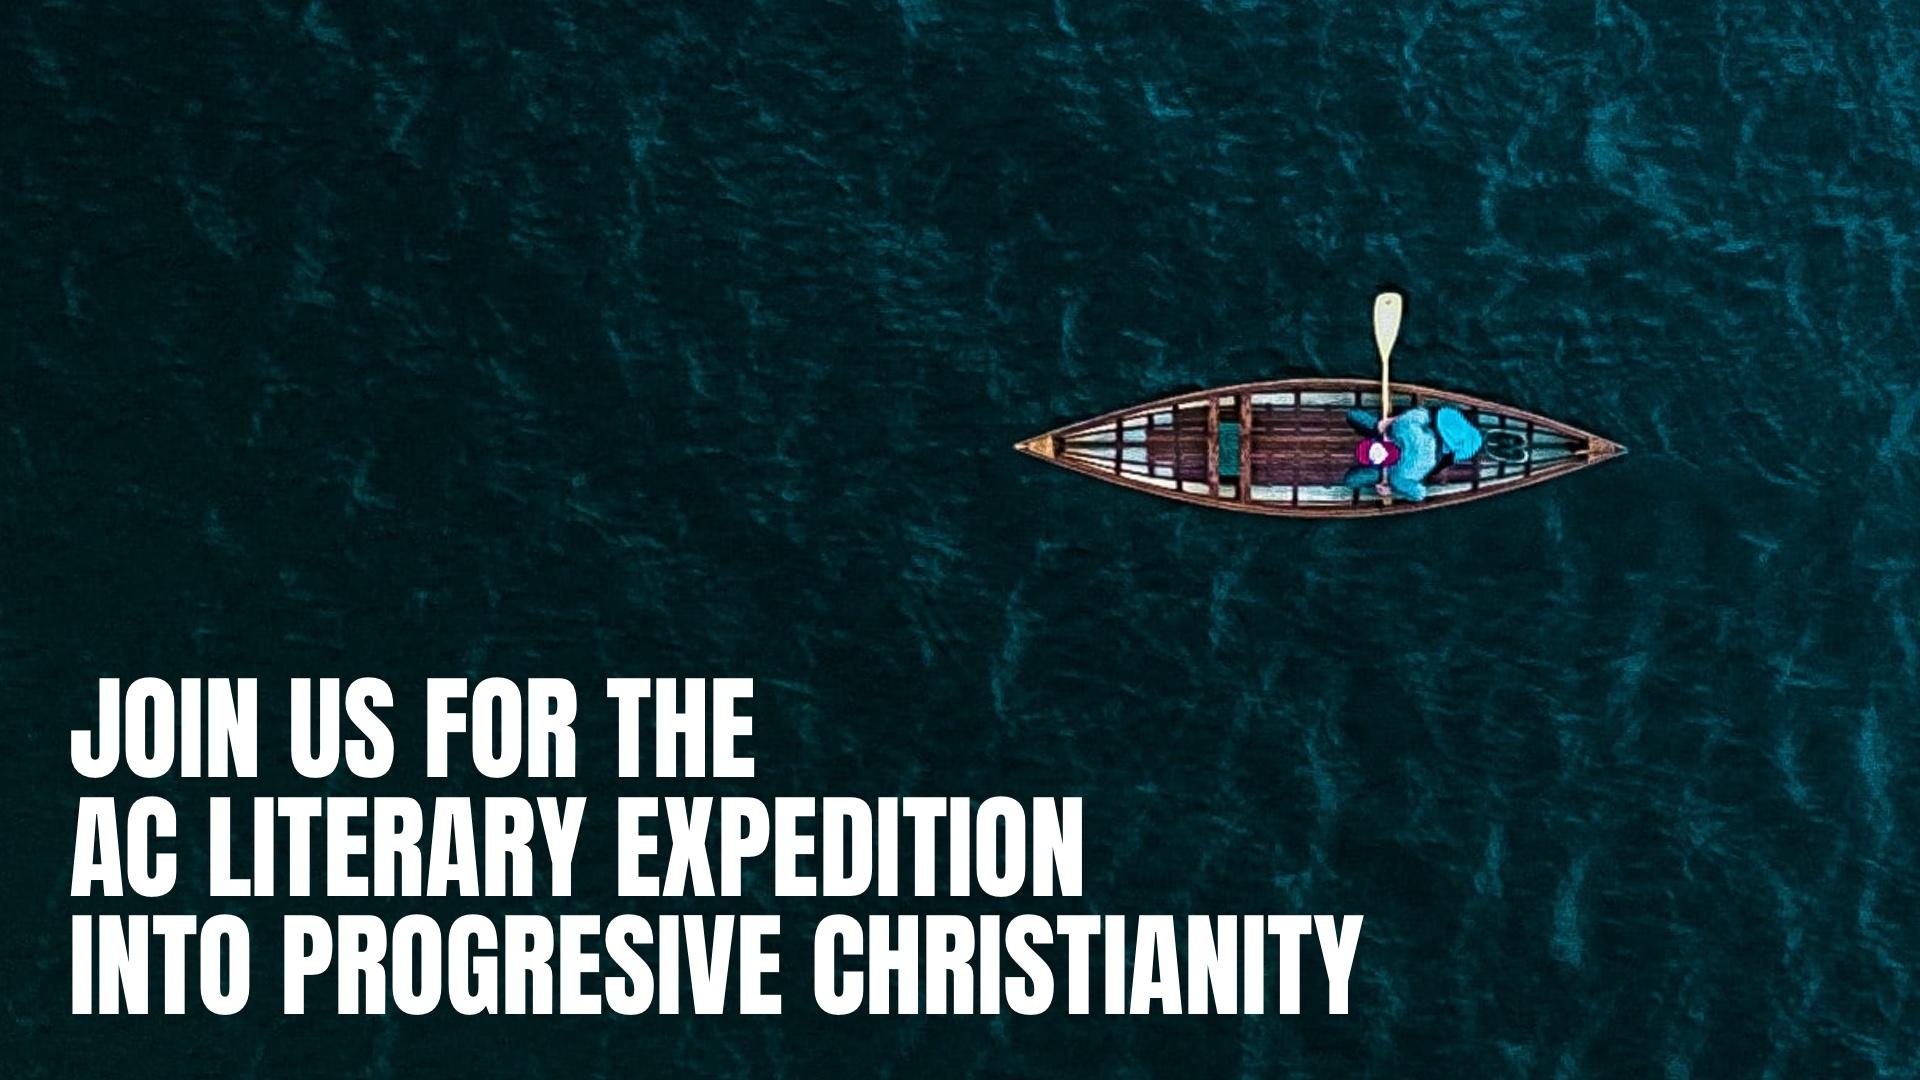 PROGRESIVE CHRISTIANITY - Image 1